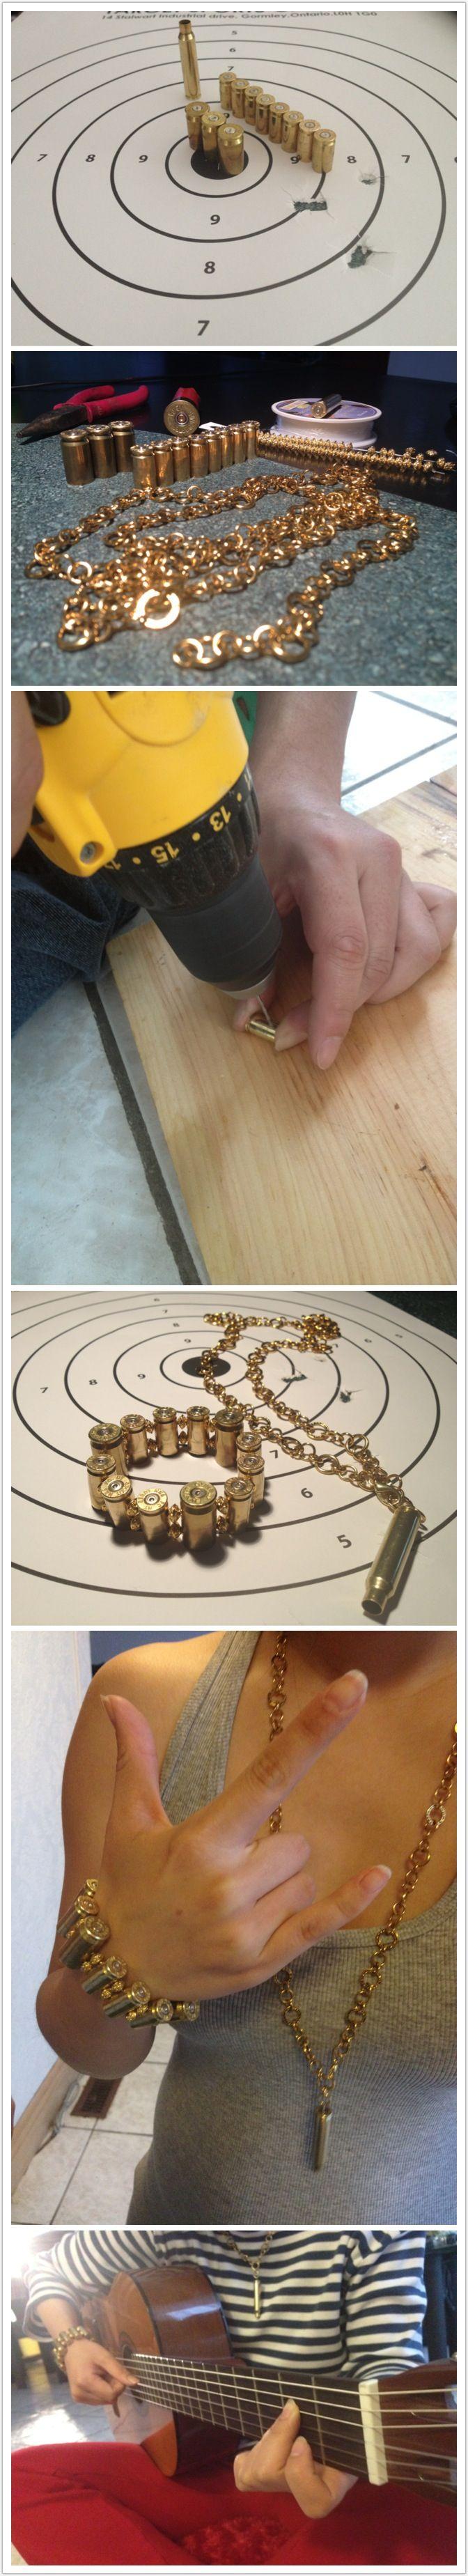 DIY bullet bracelet and necklace